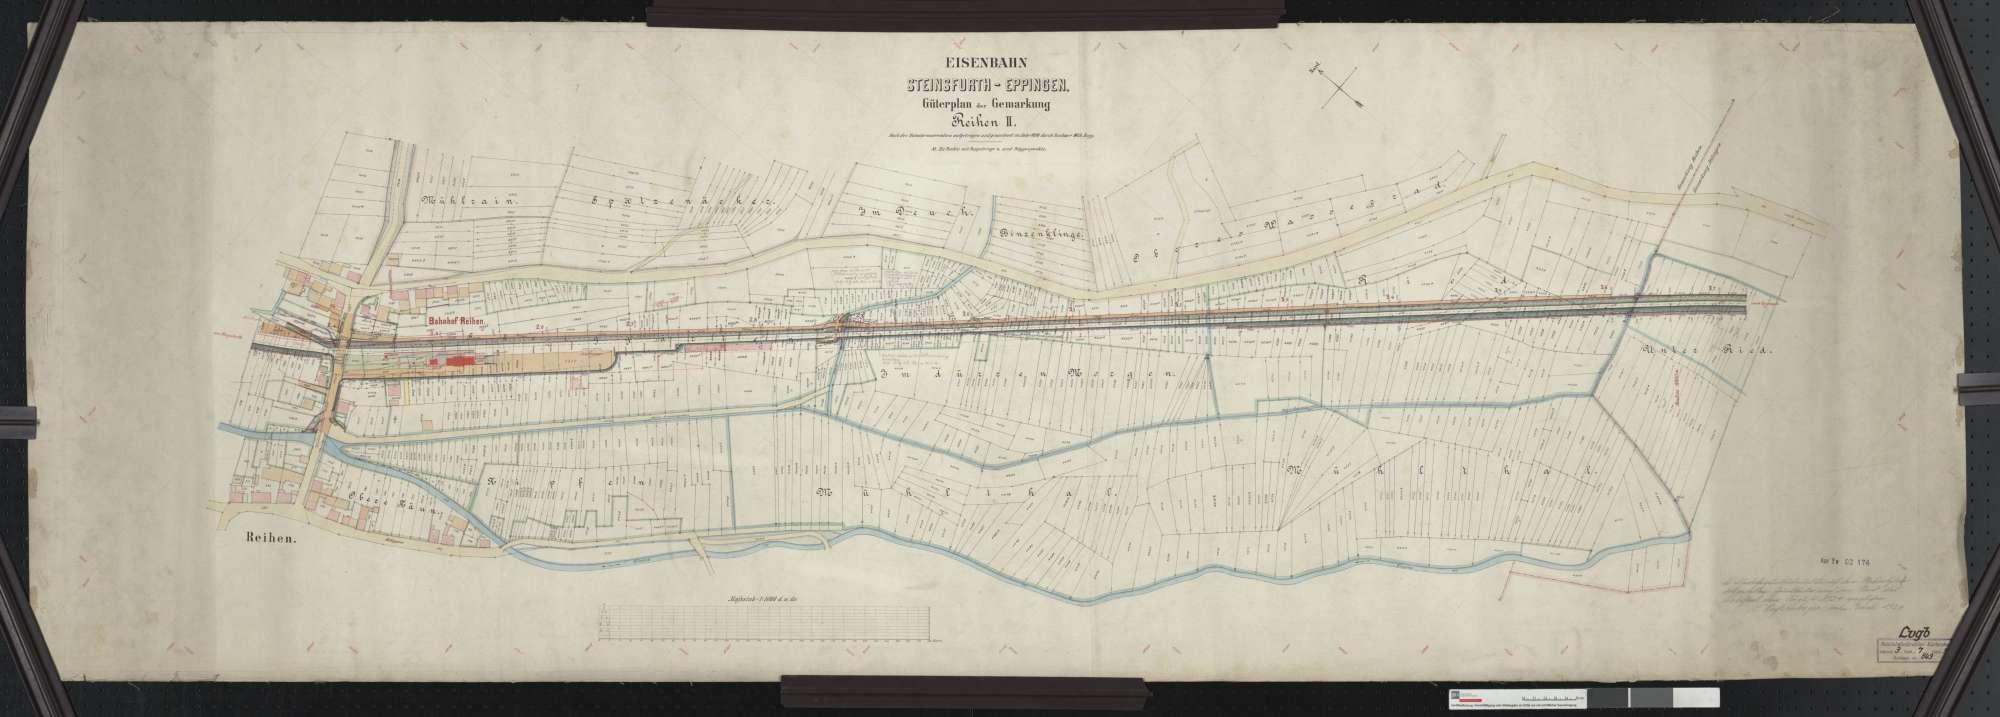 Güterplan der Bahn von Steinsfurt bis Eppingen: Gemarkung Reihen Streckenausschnitt: 2,4 bis 3,7 km, Bild 1